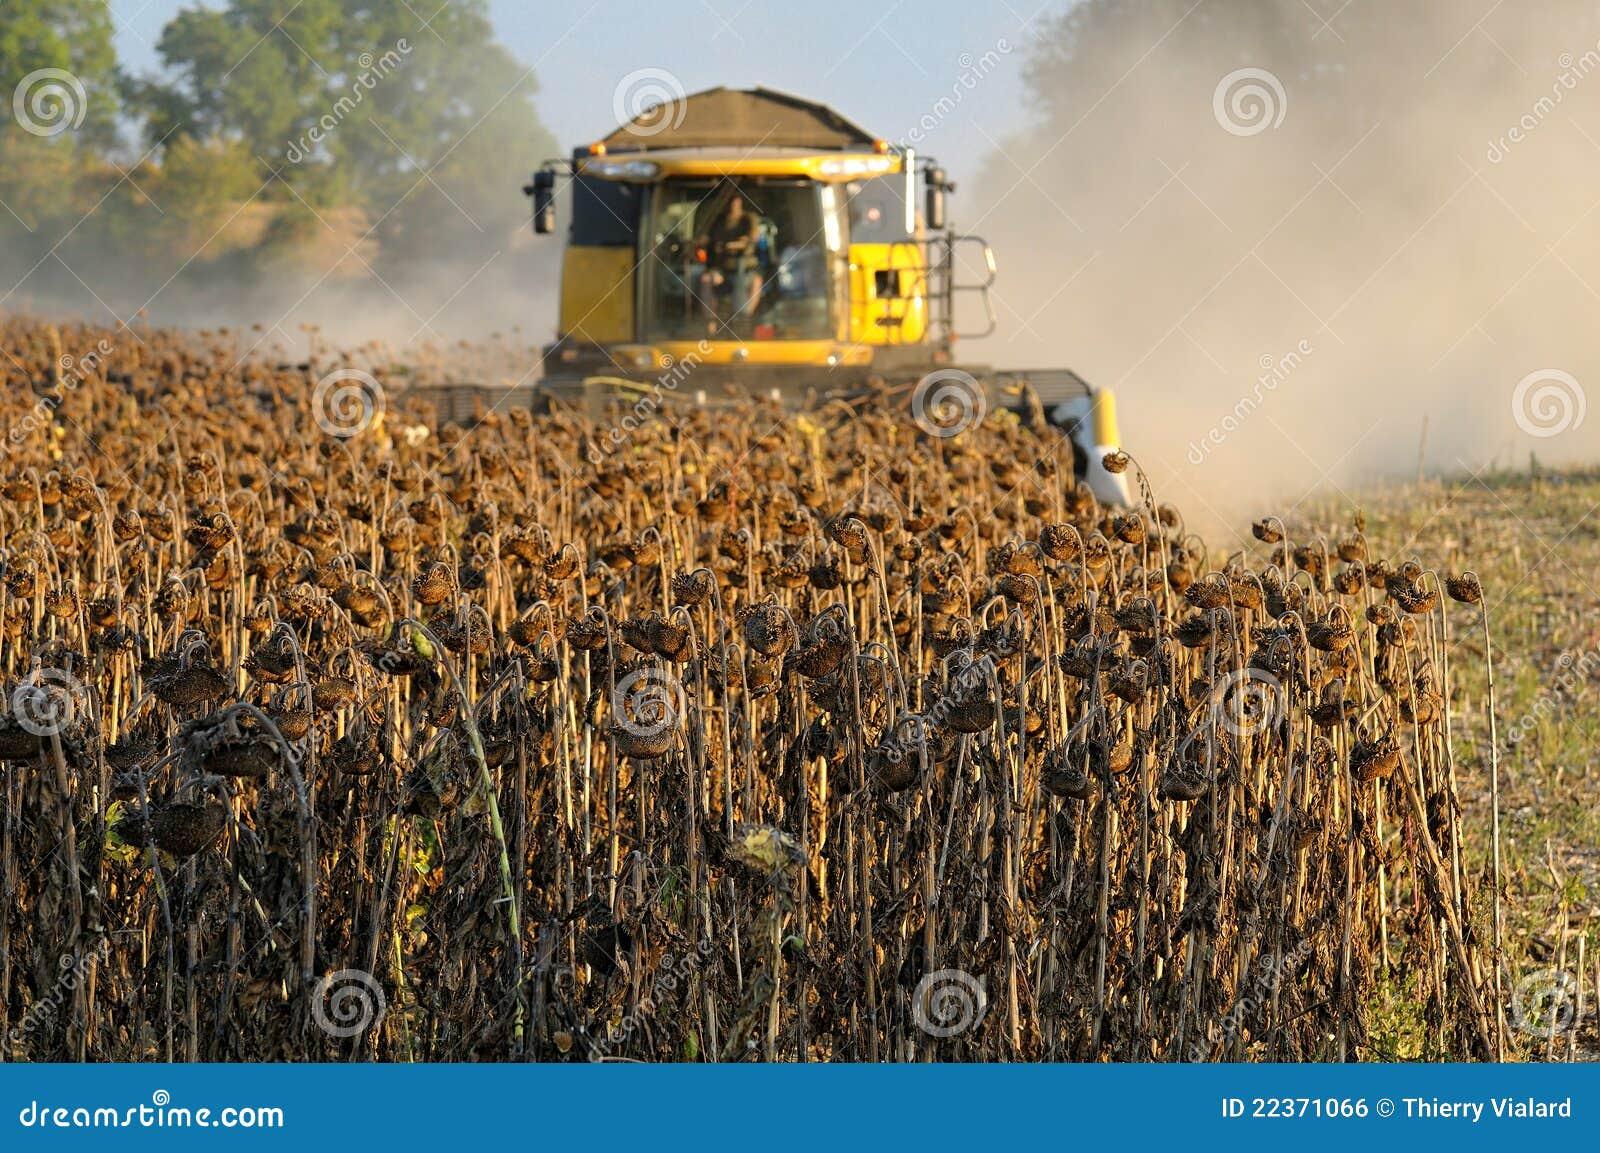 sunflower harvesting machine